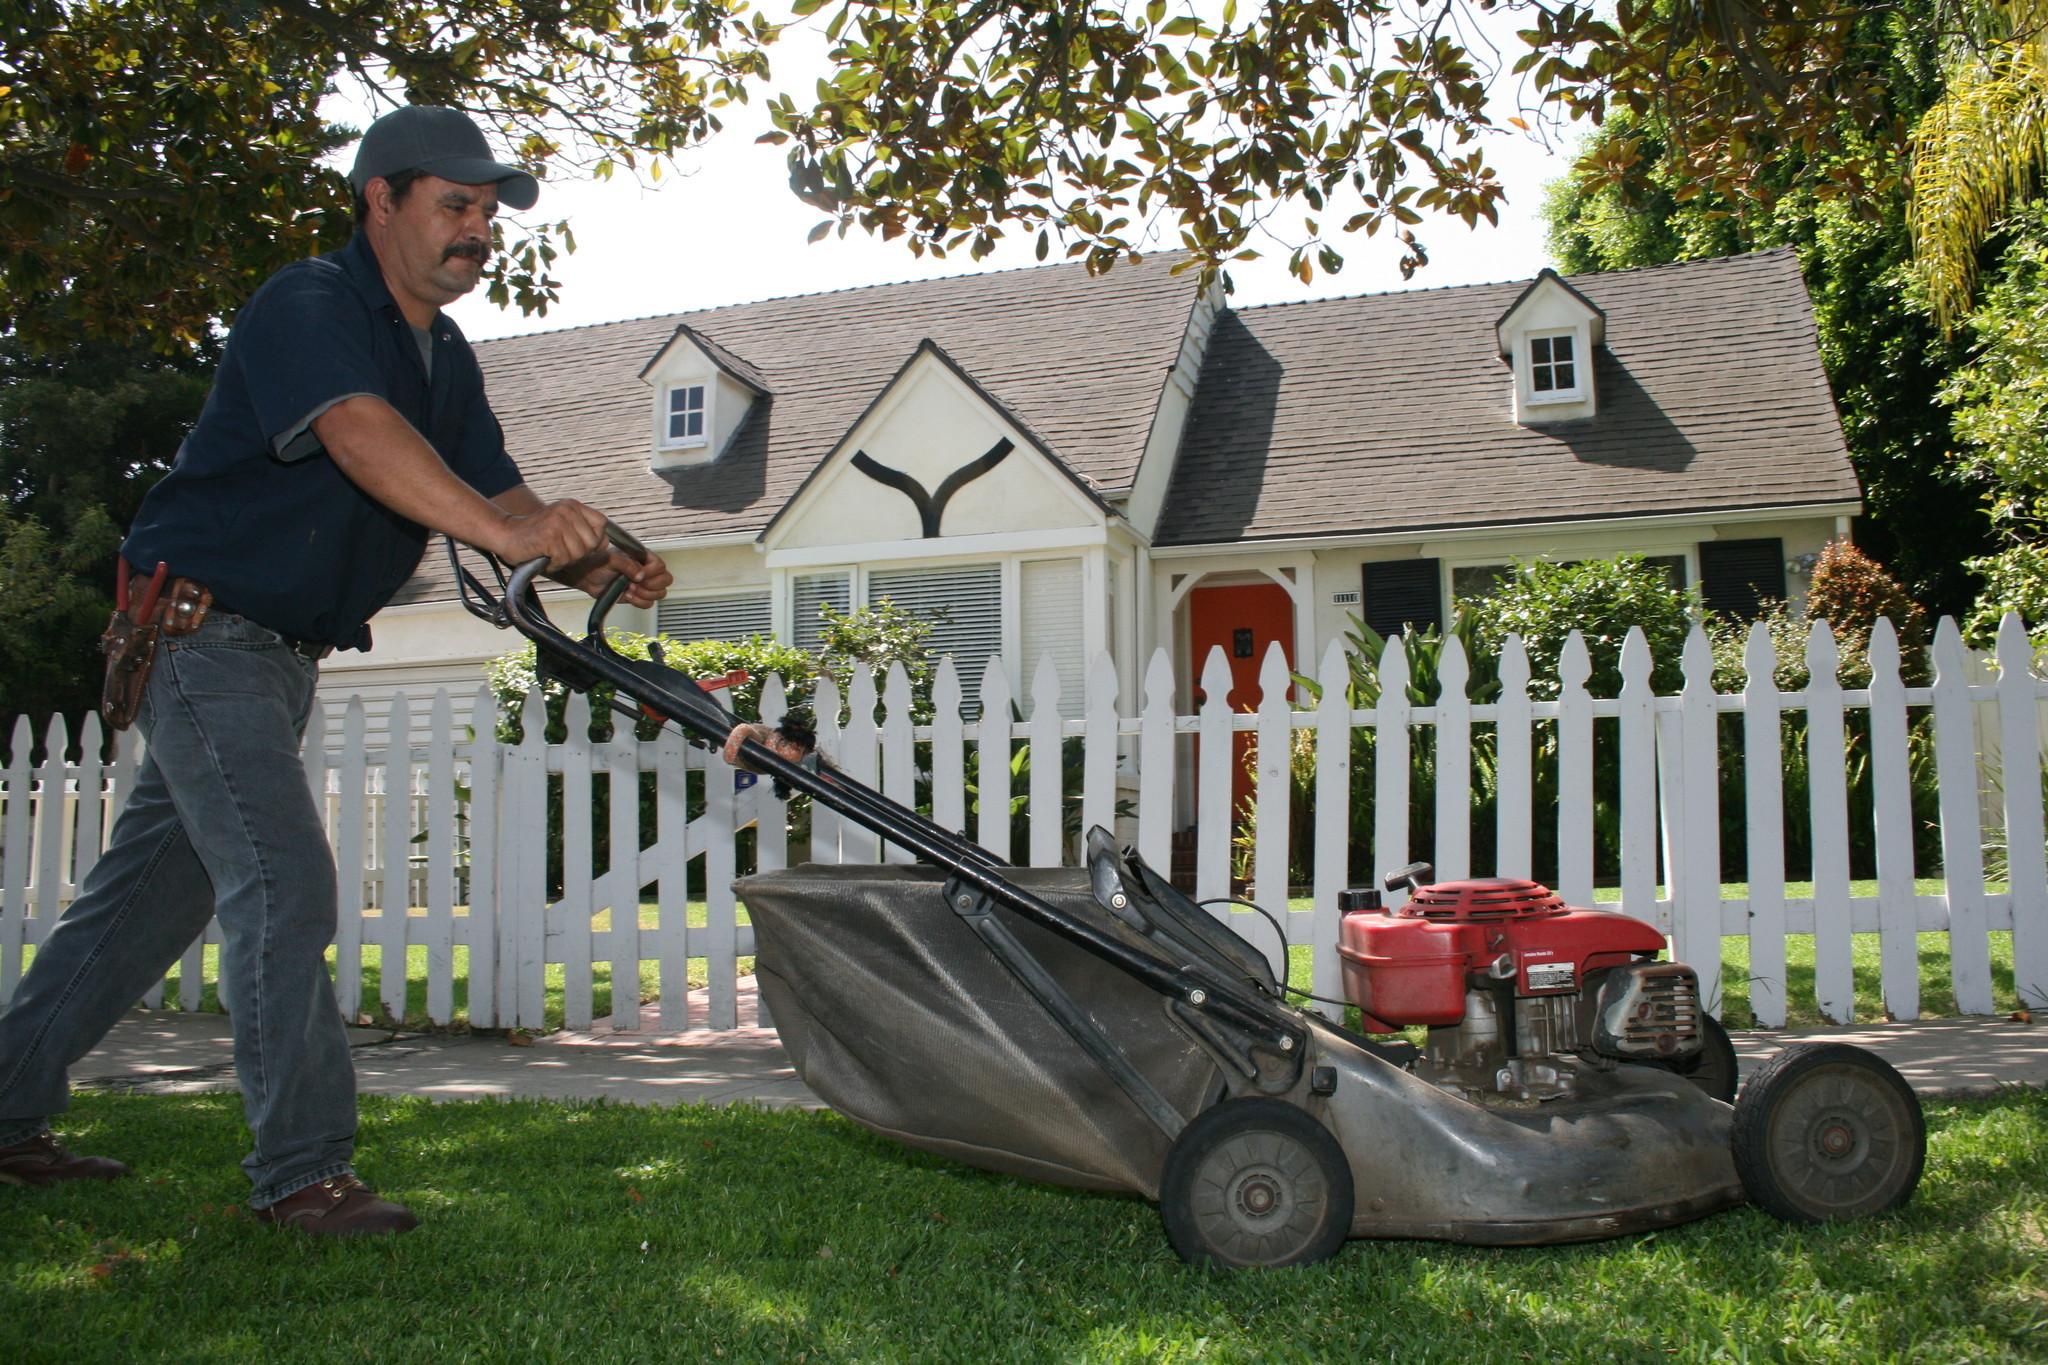 Ladrones acechan a jardineros hoy chicago for Trabajo jardinero